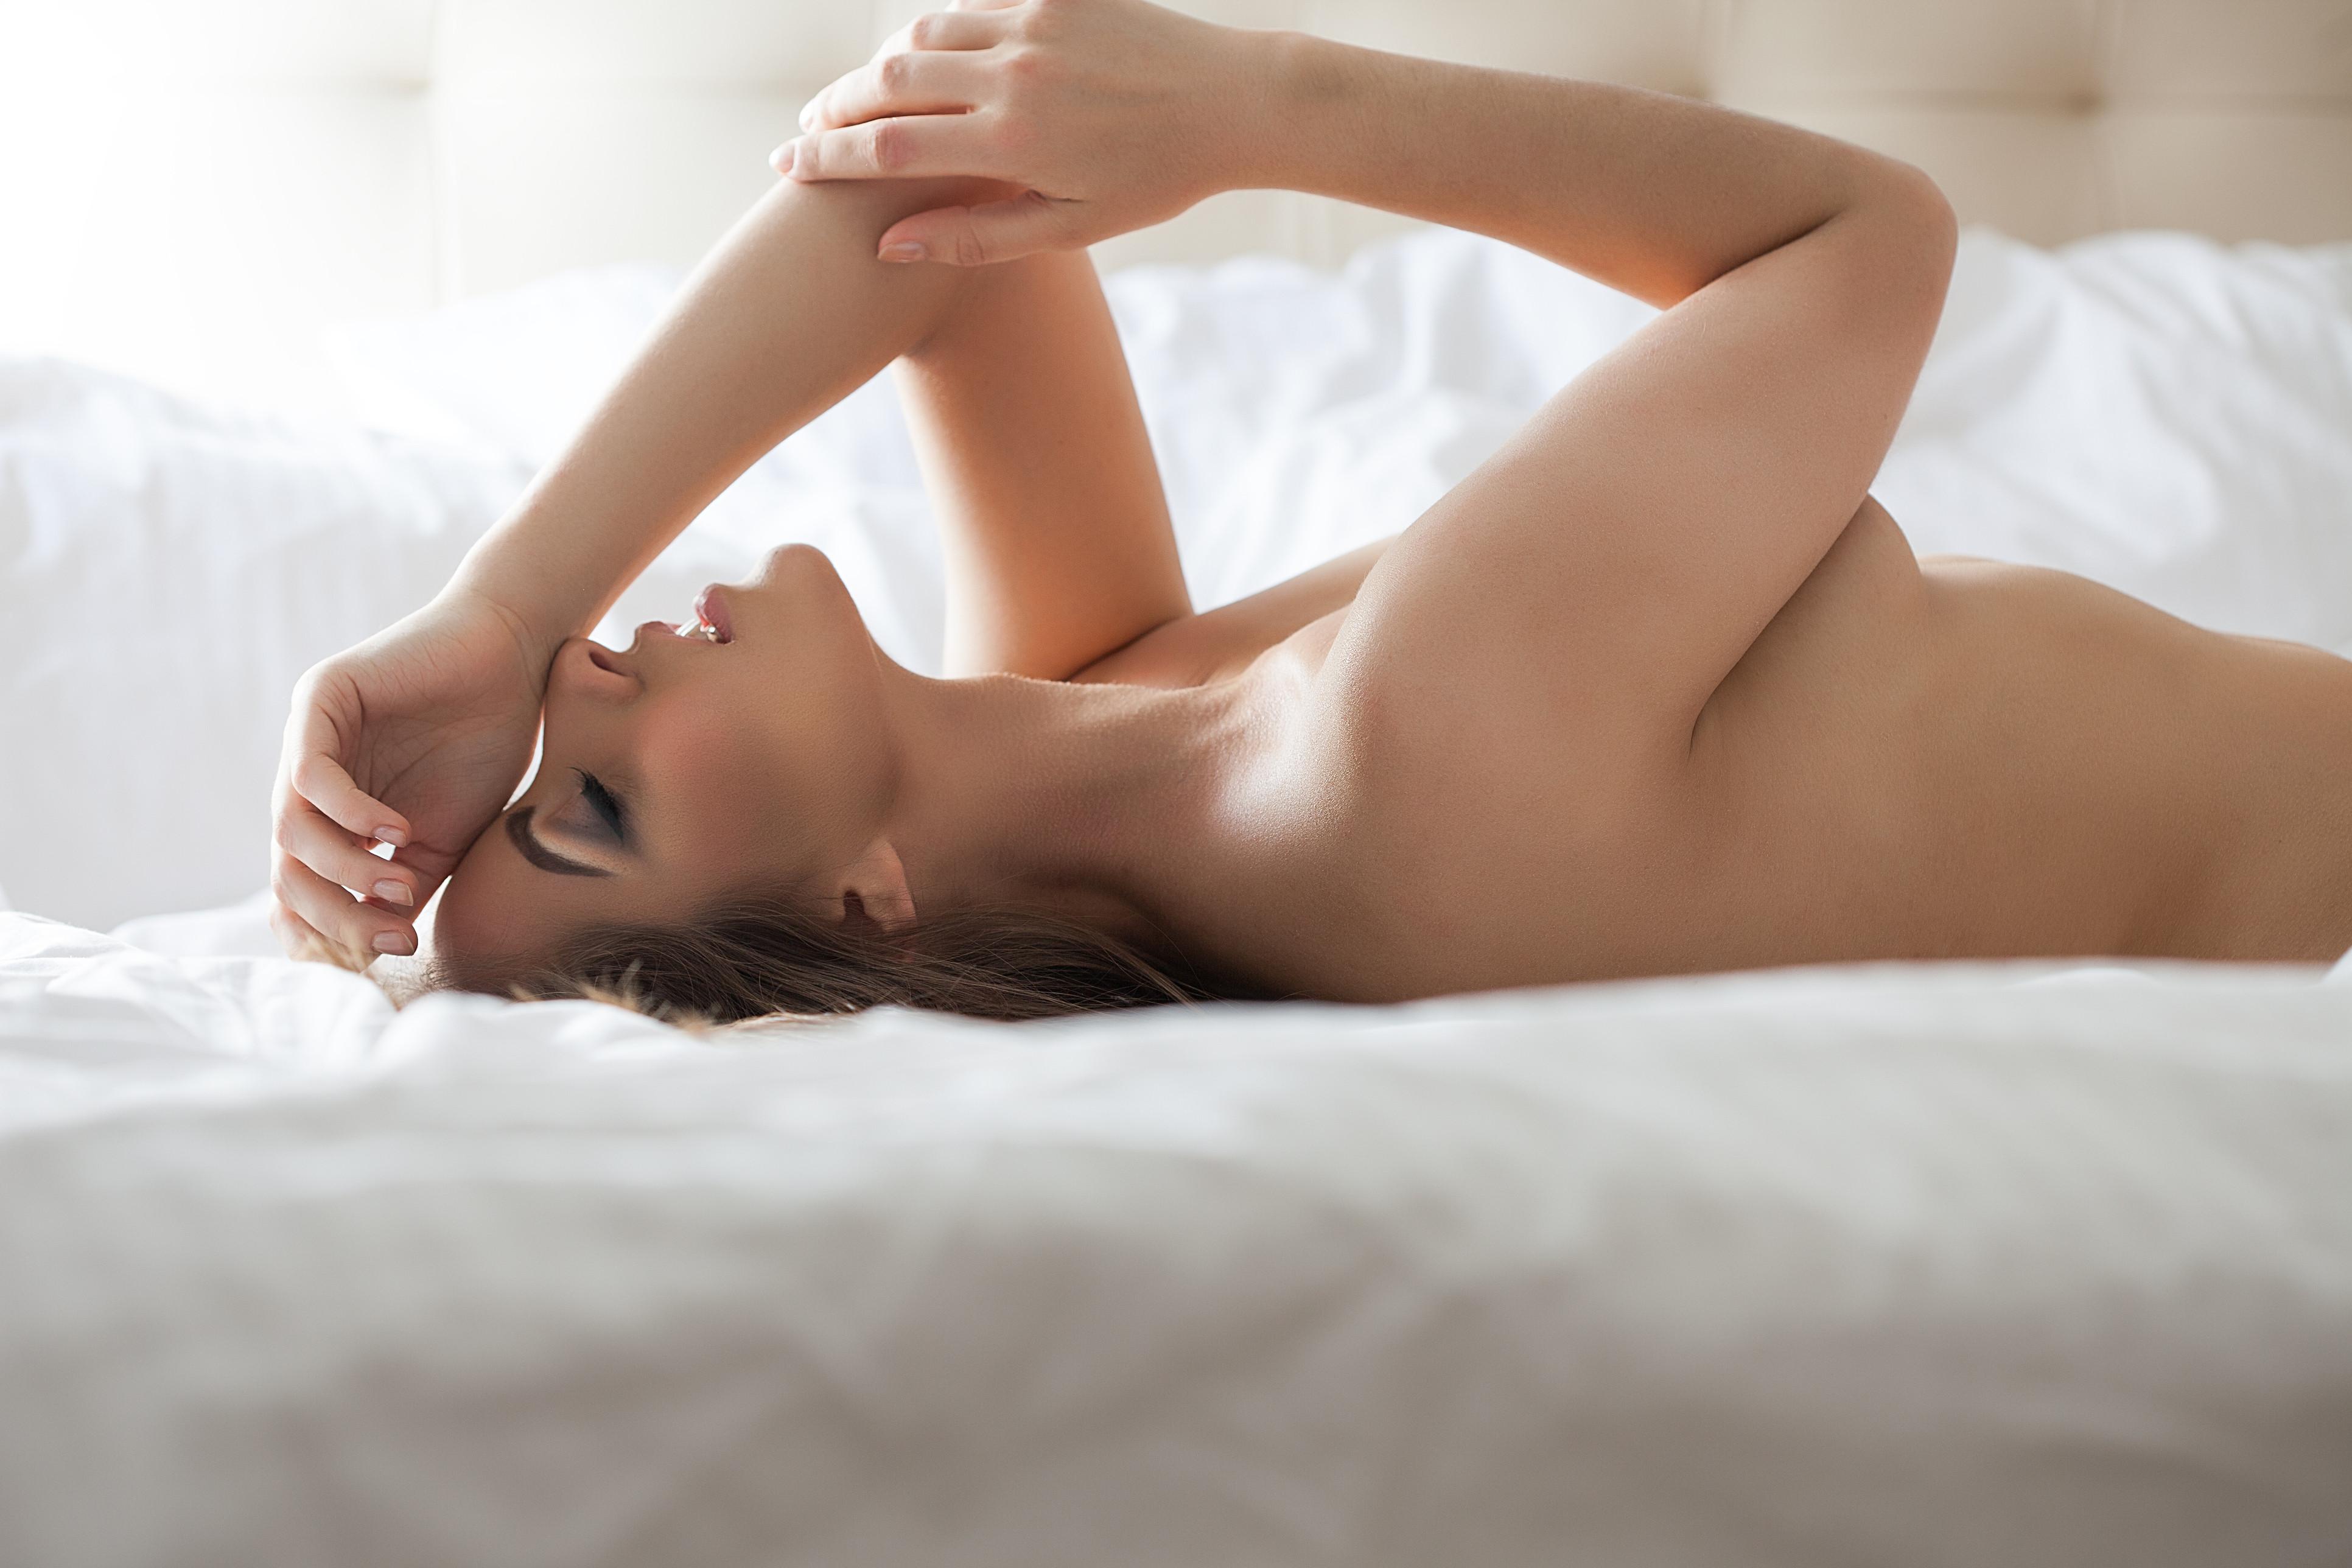 O leitor perguntou: Como posso saber se ela está a fingir o orgasmo?